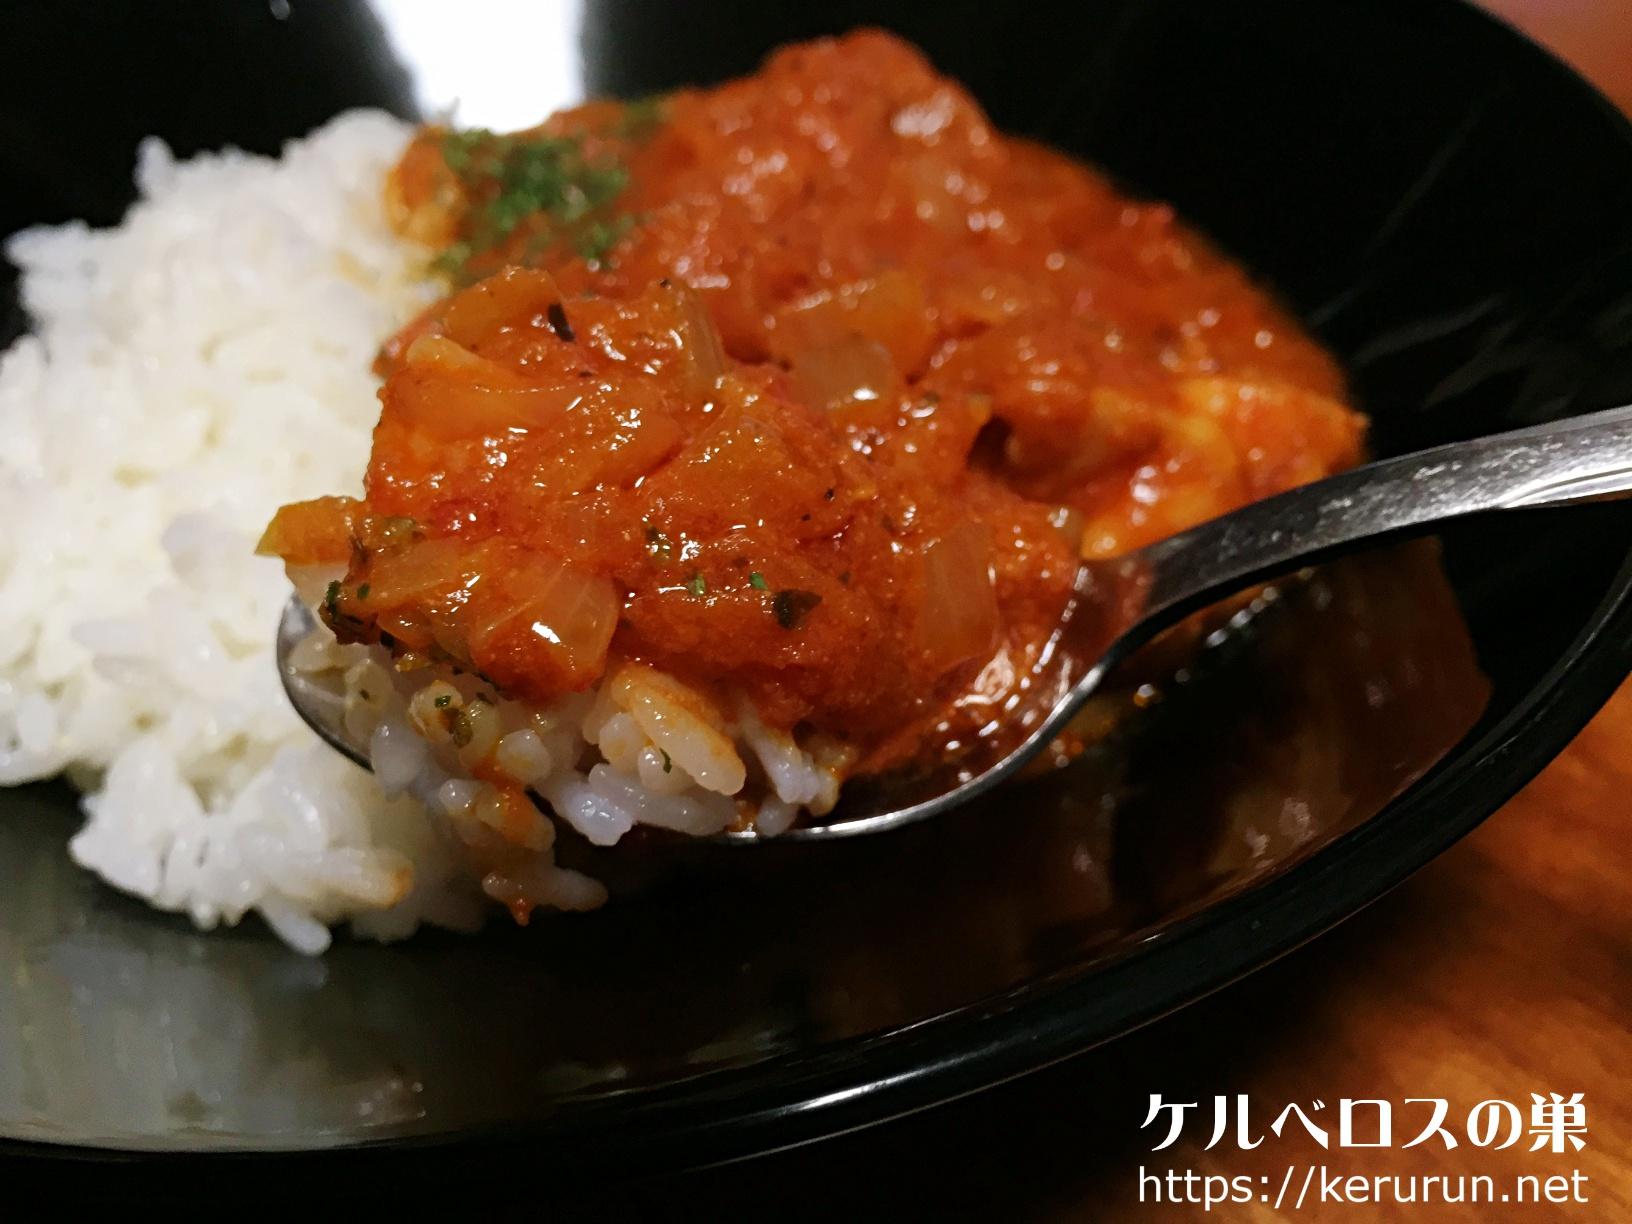 【レシピあり・コストコ活用術】オーガニックマリナラソースで作るチキンカレー